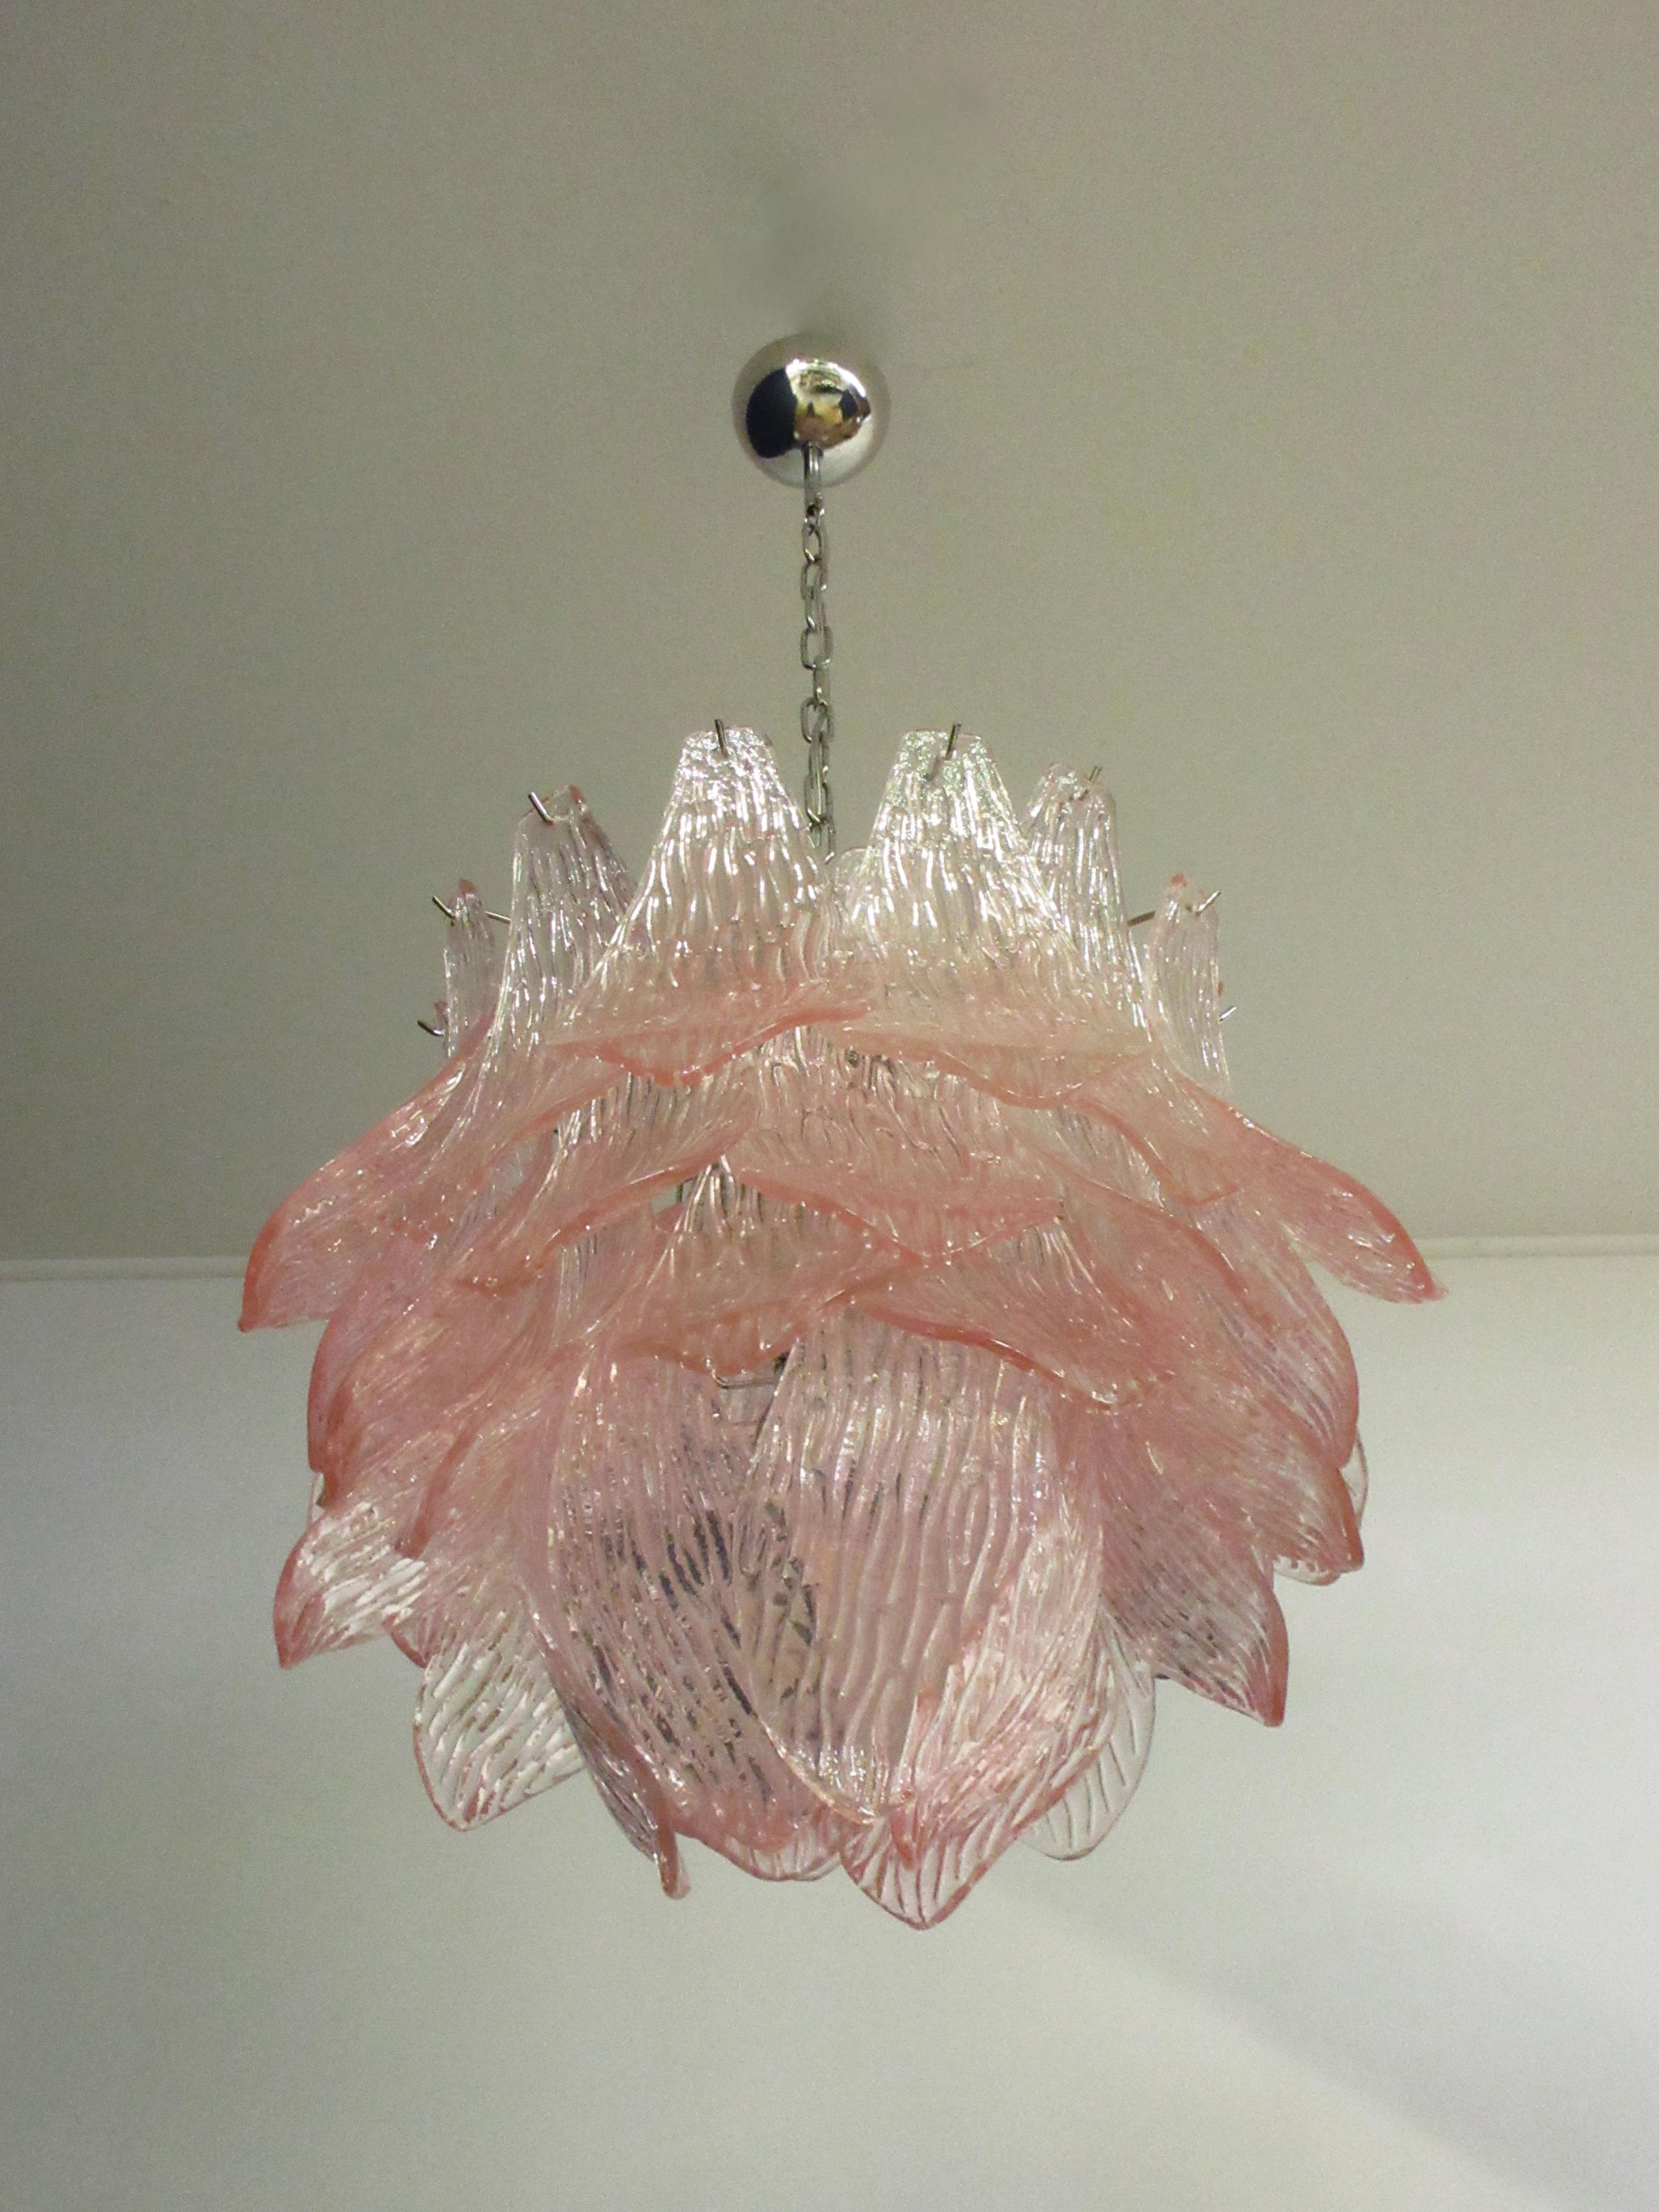 Murano Glass Chandelier | Murano glass chandelier, Glass